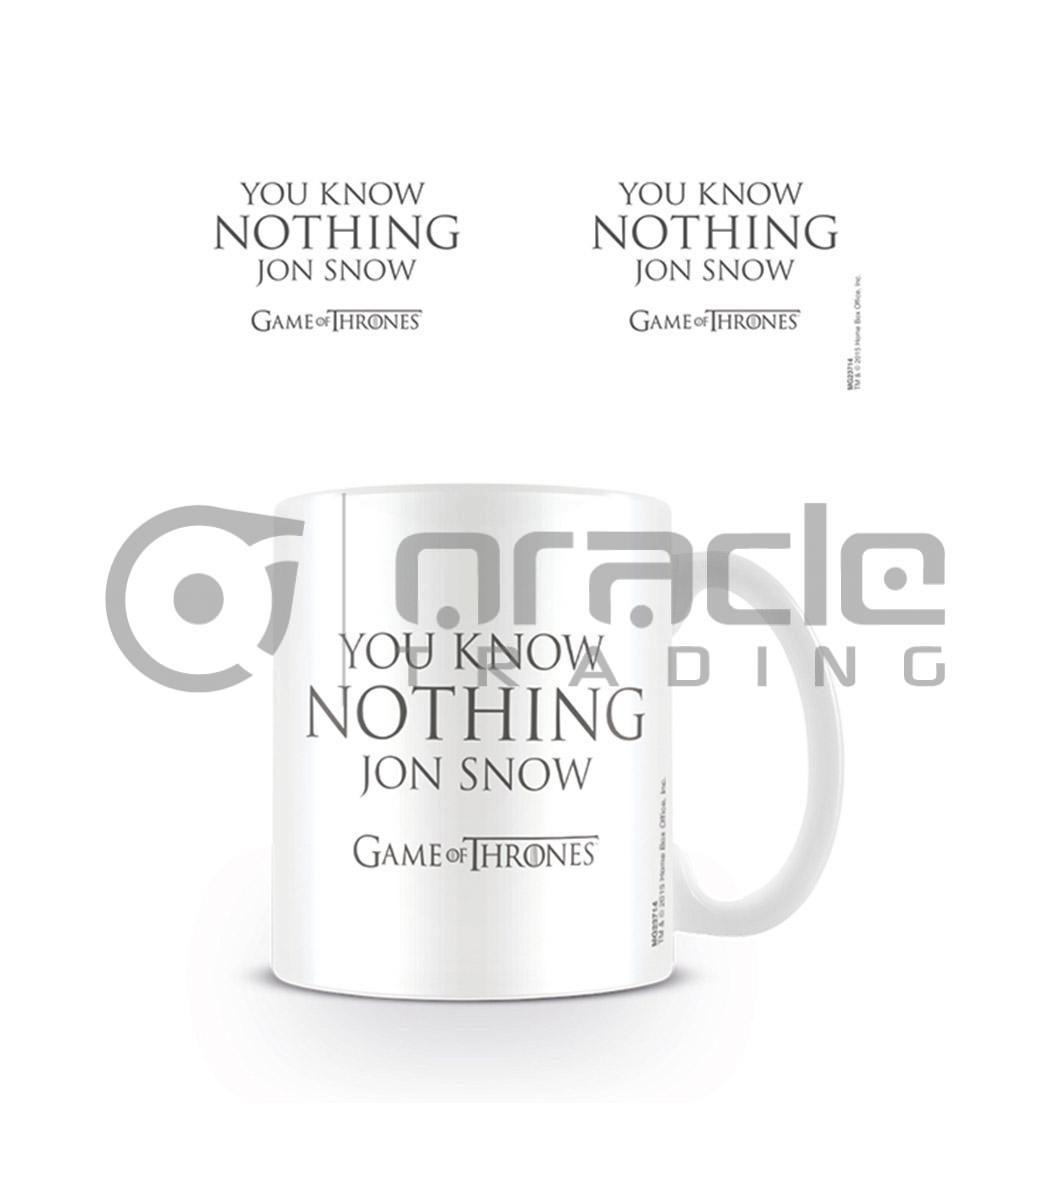 Game of Thrones Know Nothing Jon Snow Coffee Mug